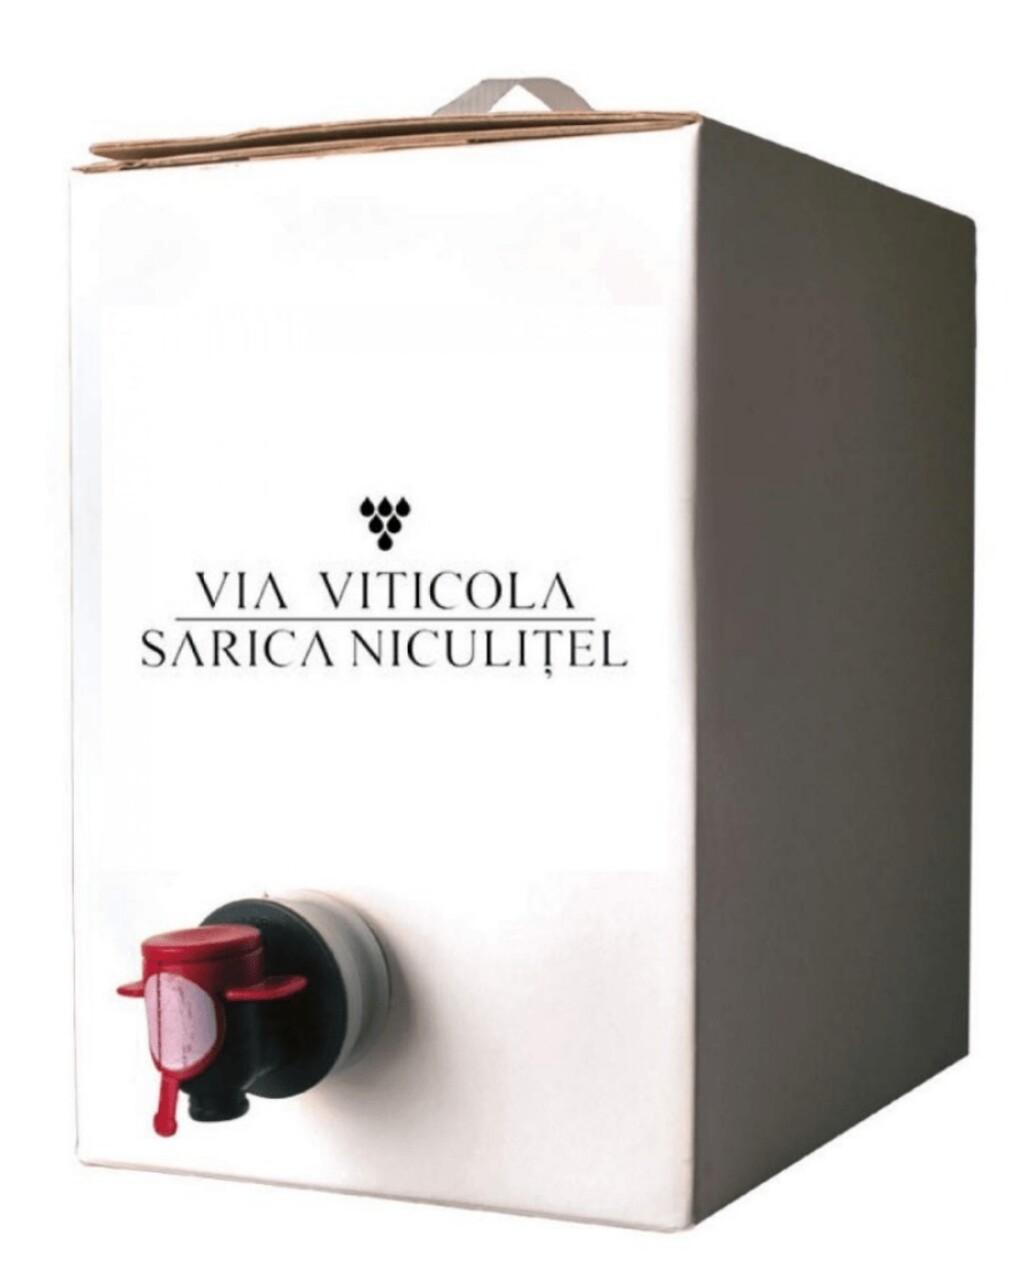 Sarica Niculitel Exclusiv Rose BIB 10L